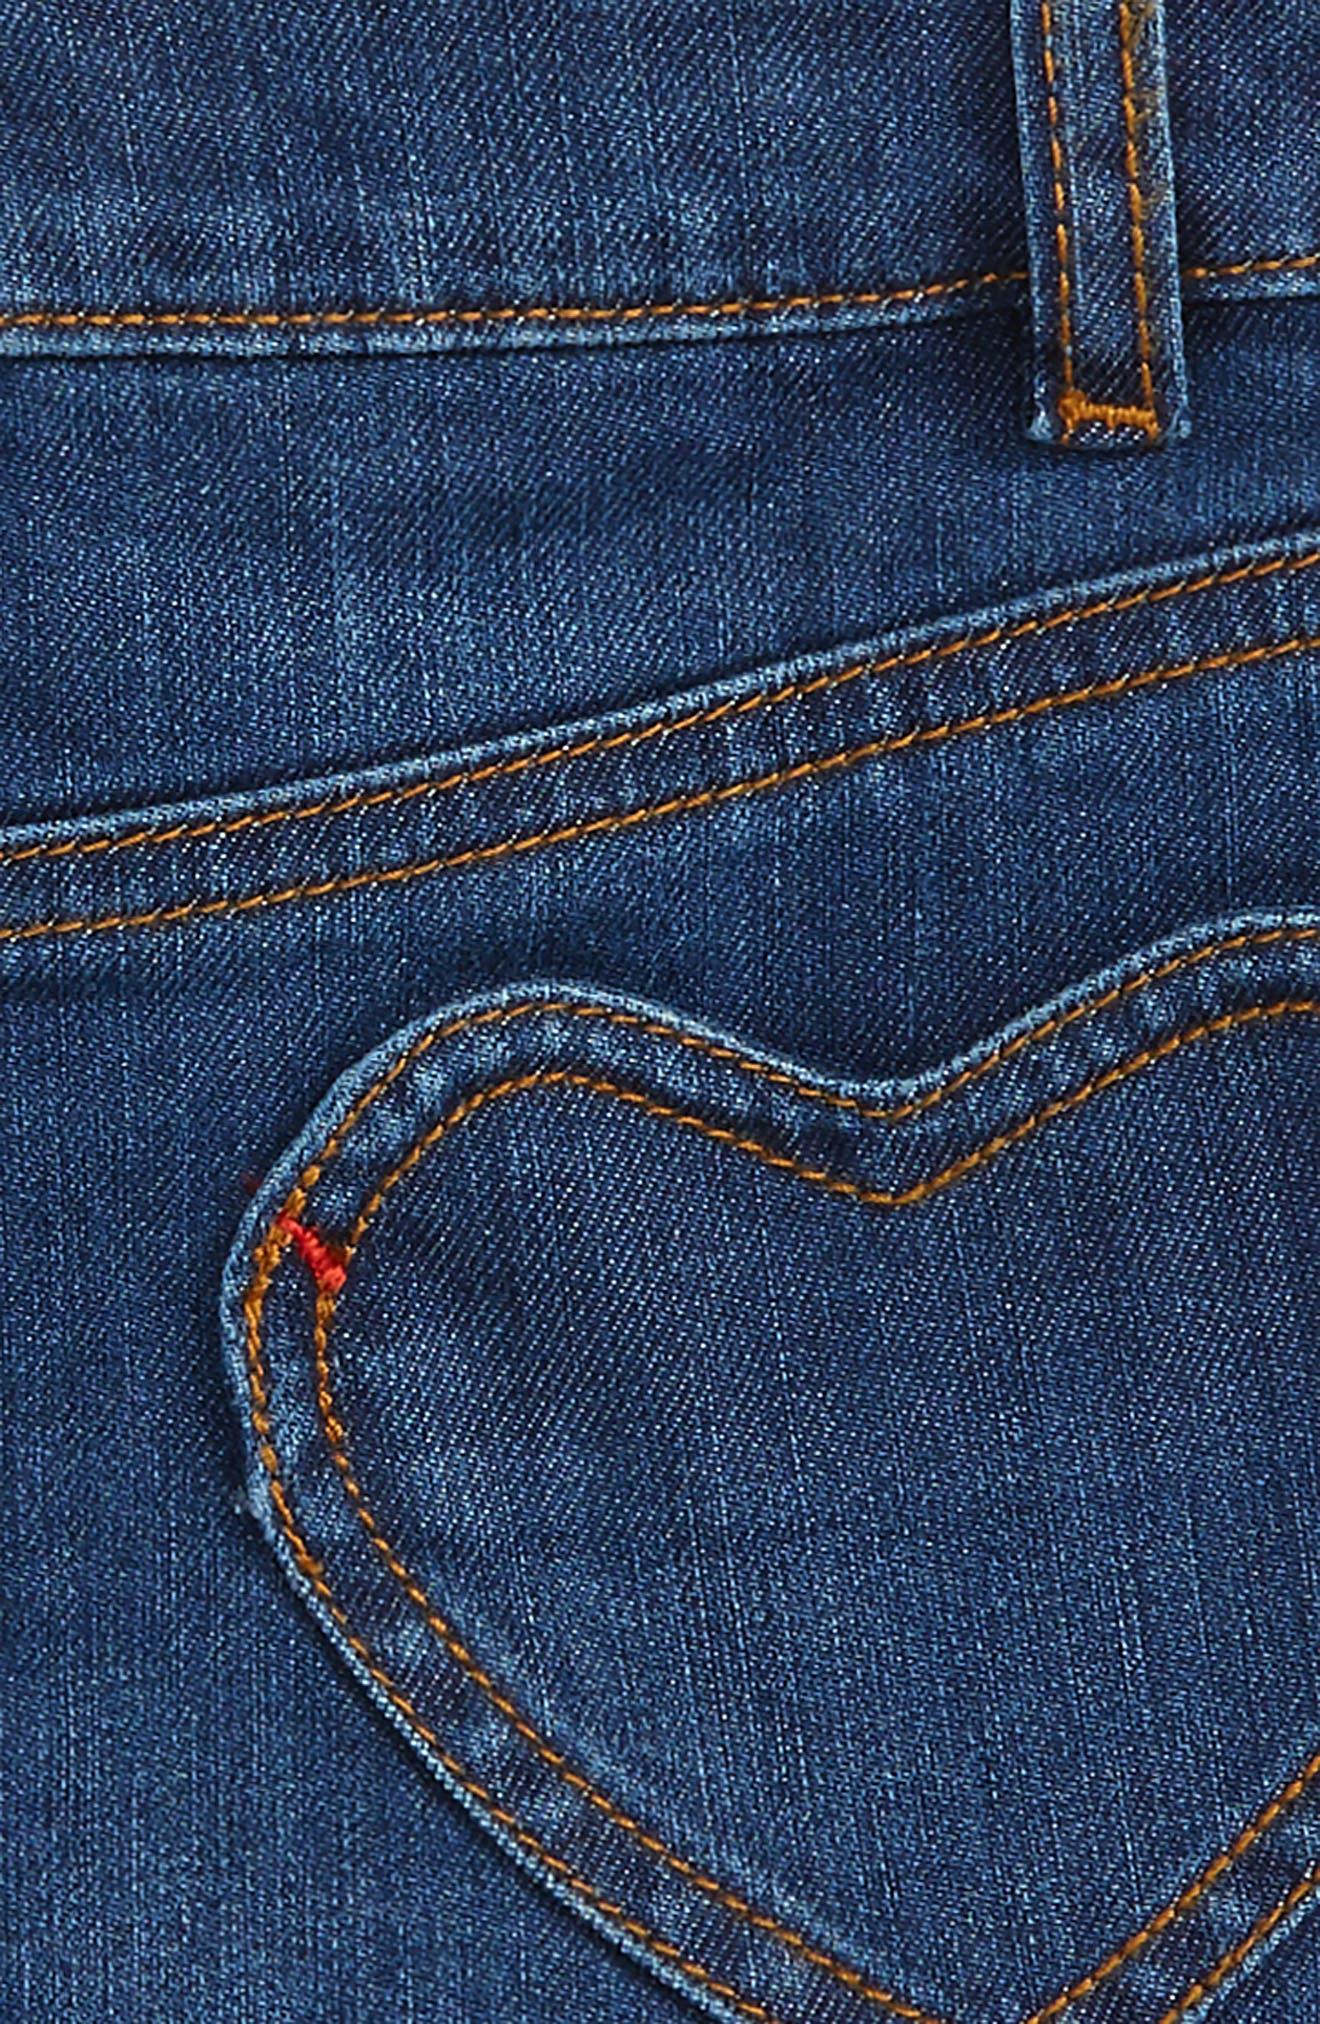 Heart Pocket Denim Skirt,                             Alternate thumbnail 3, color,                             469